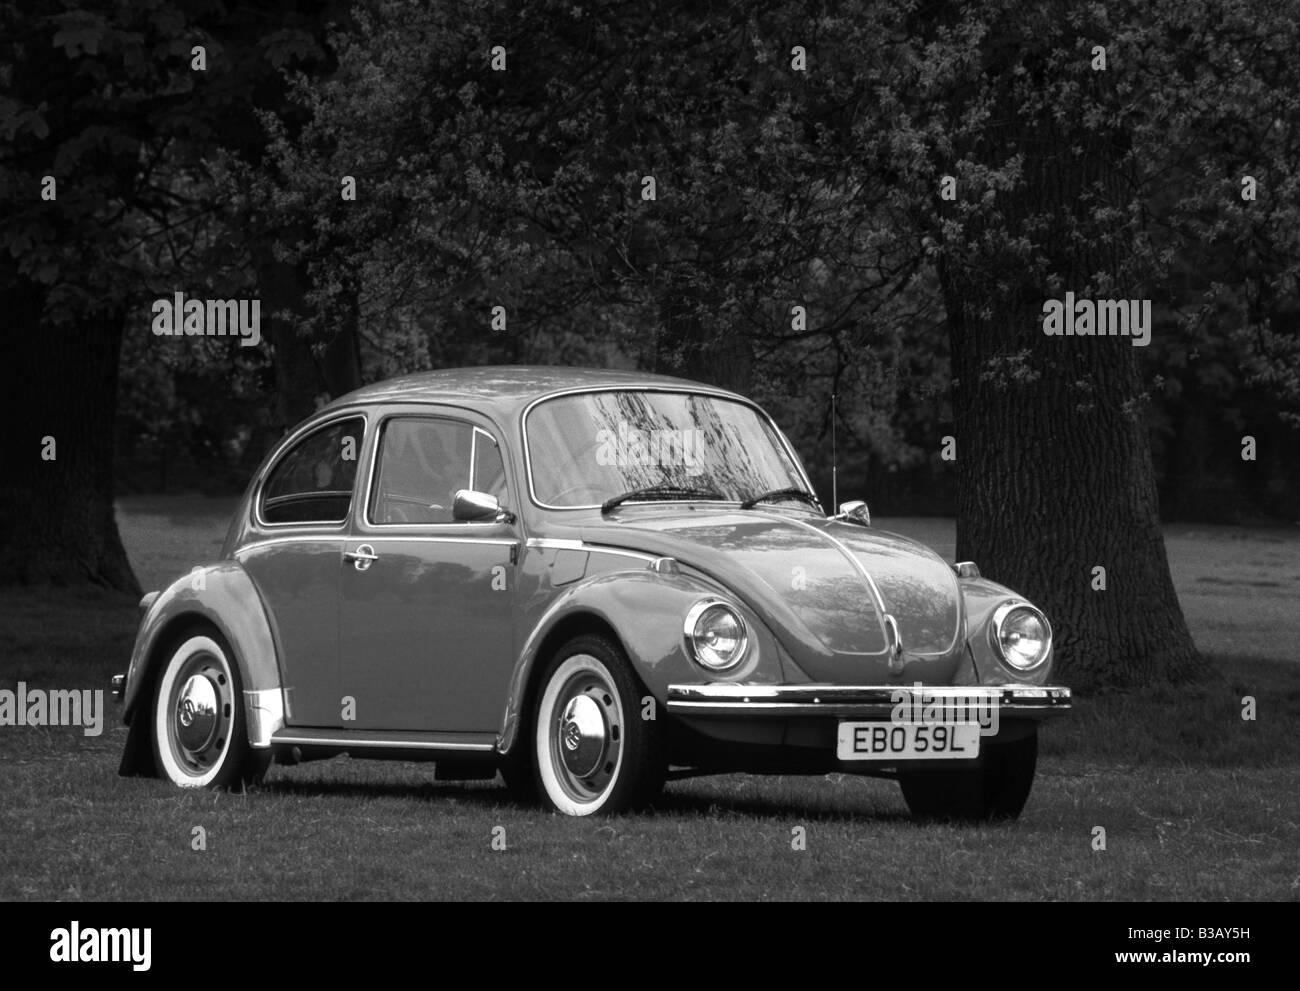 Volkswagen Beetle 1303 S of 1972. - Stock Image